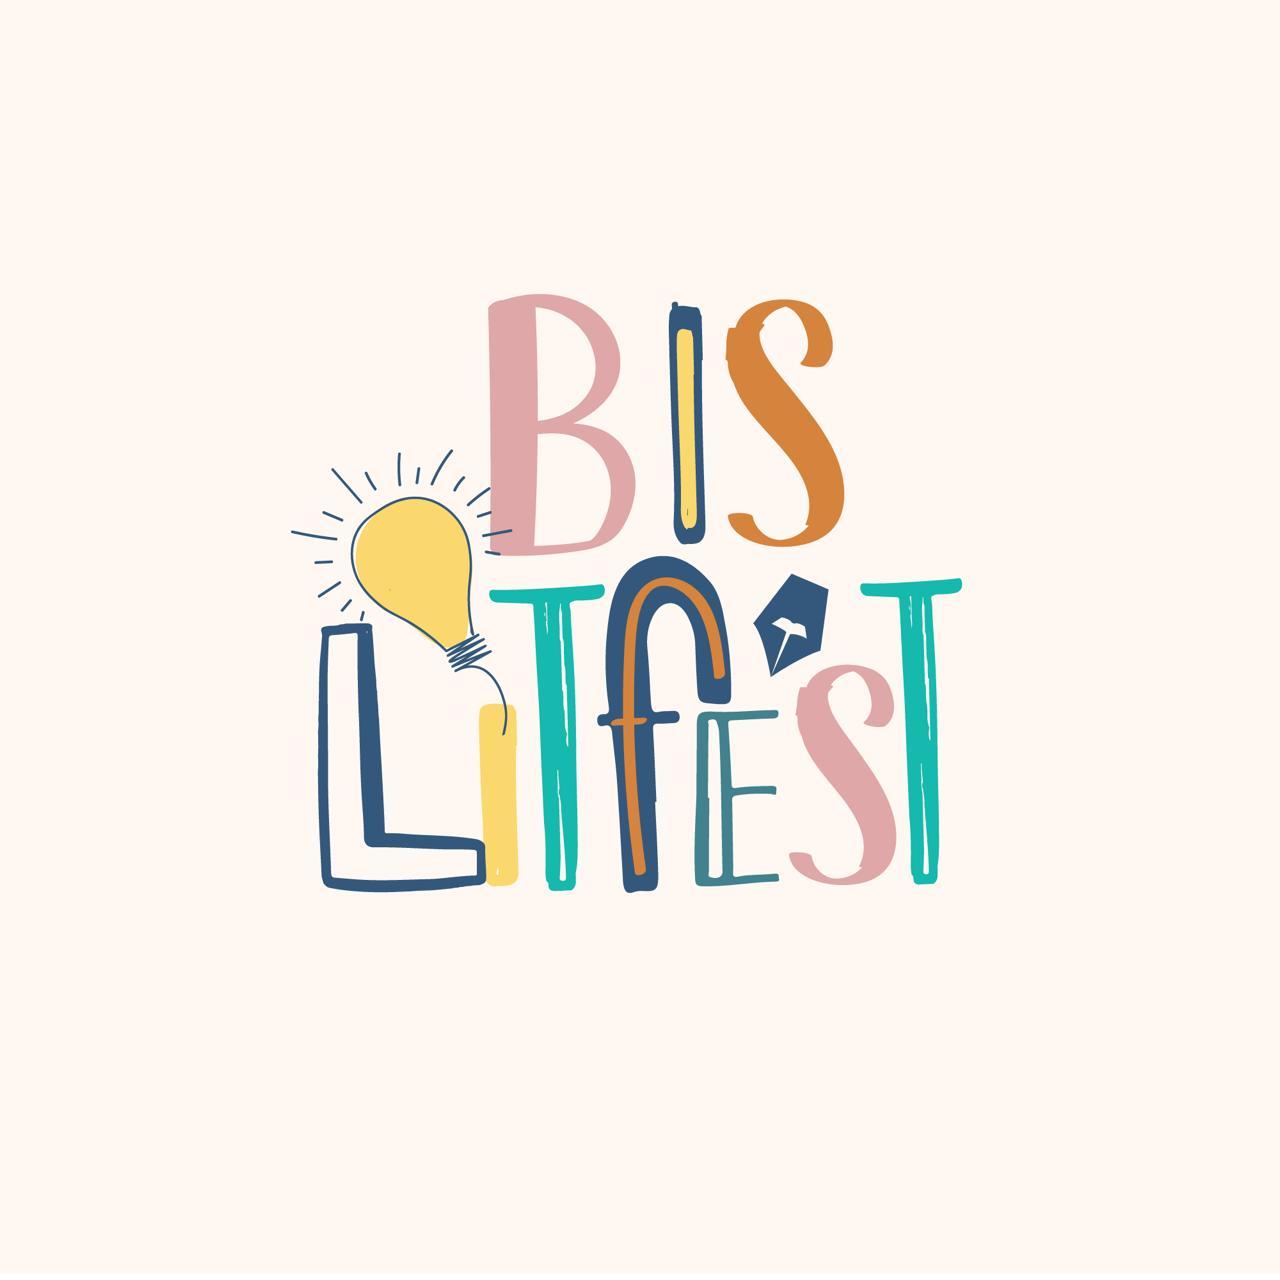 Lit Fest 2020 – 2021